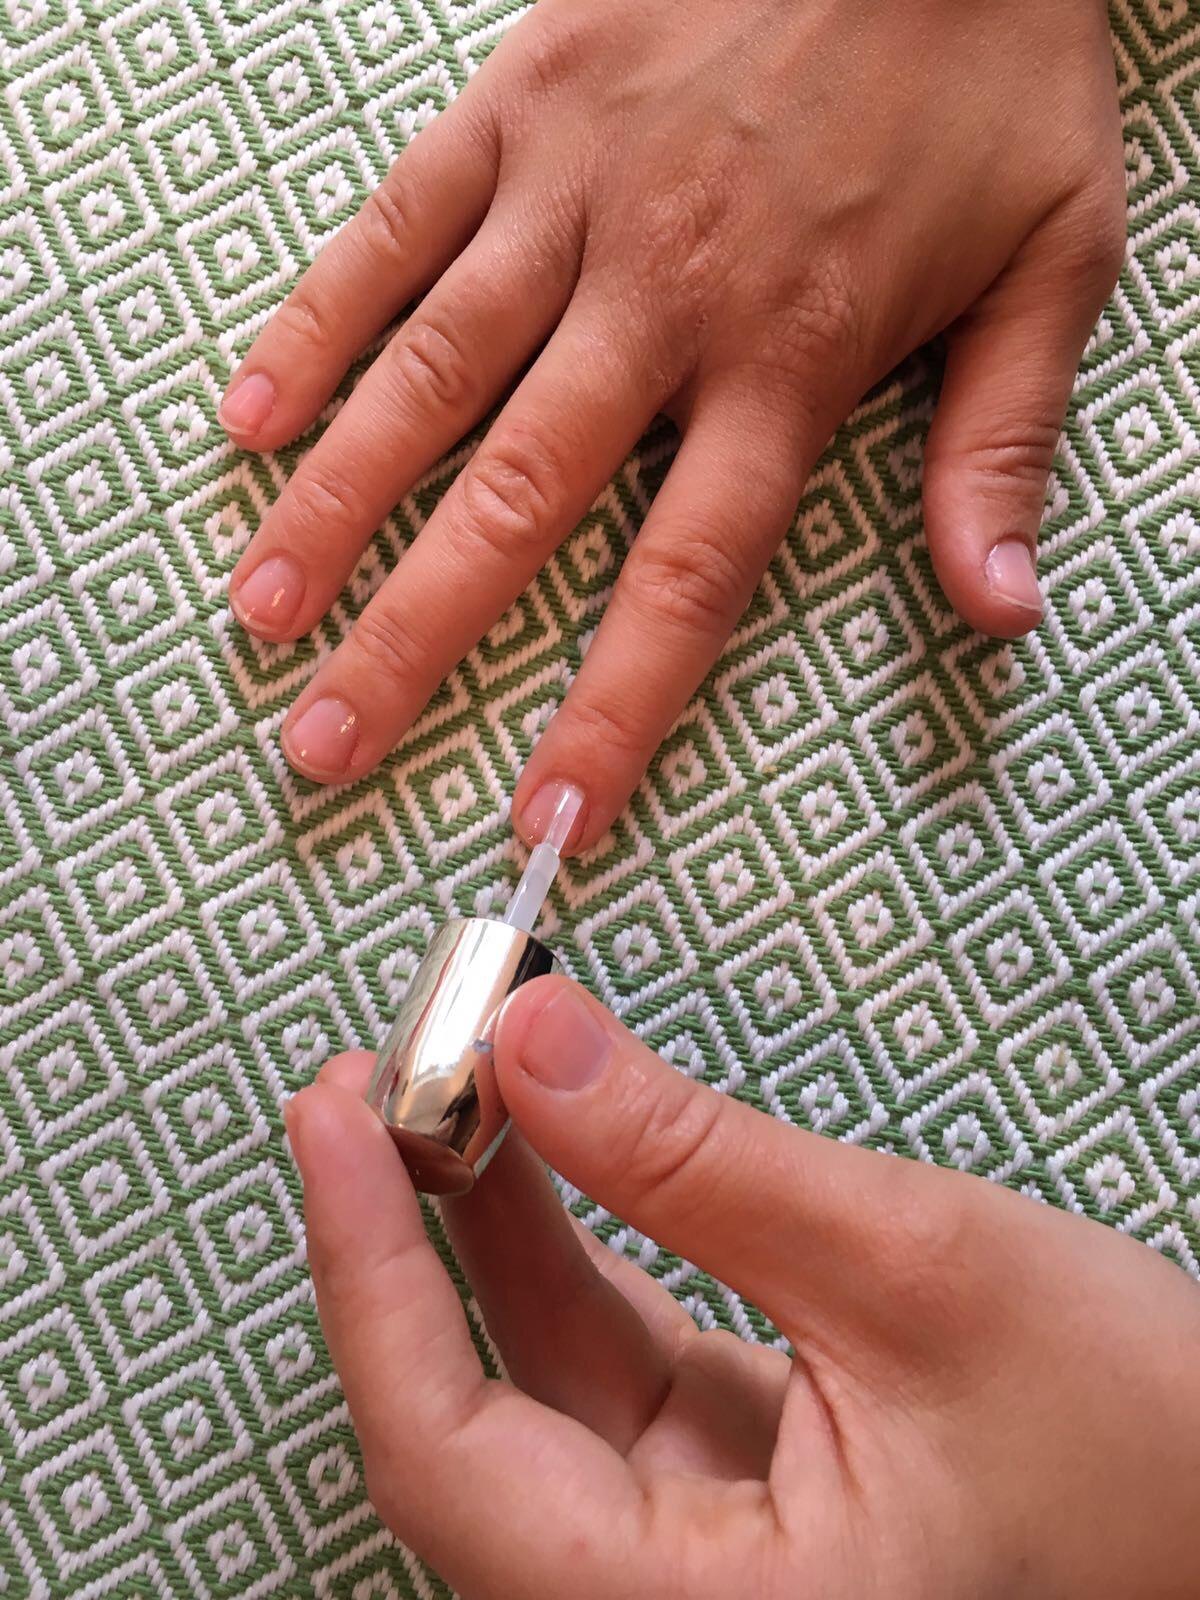 - Stap 1. Geef je nagels een laagje basecoat, zeker als je voor een pastelkleur kiest. Zo voorkom je vergeelde nagels en heb je een egale, gladde basis om kleur over aan te brengen.